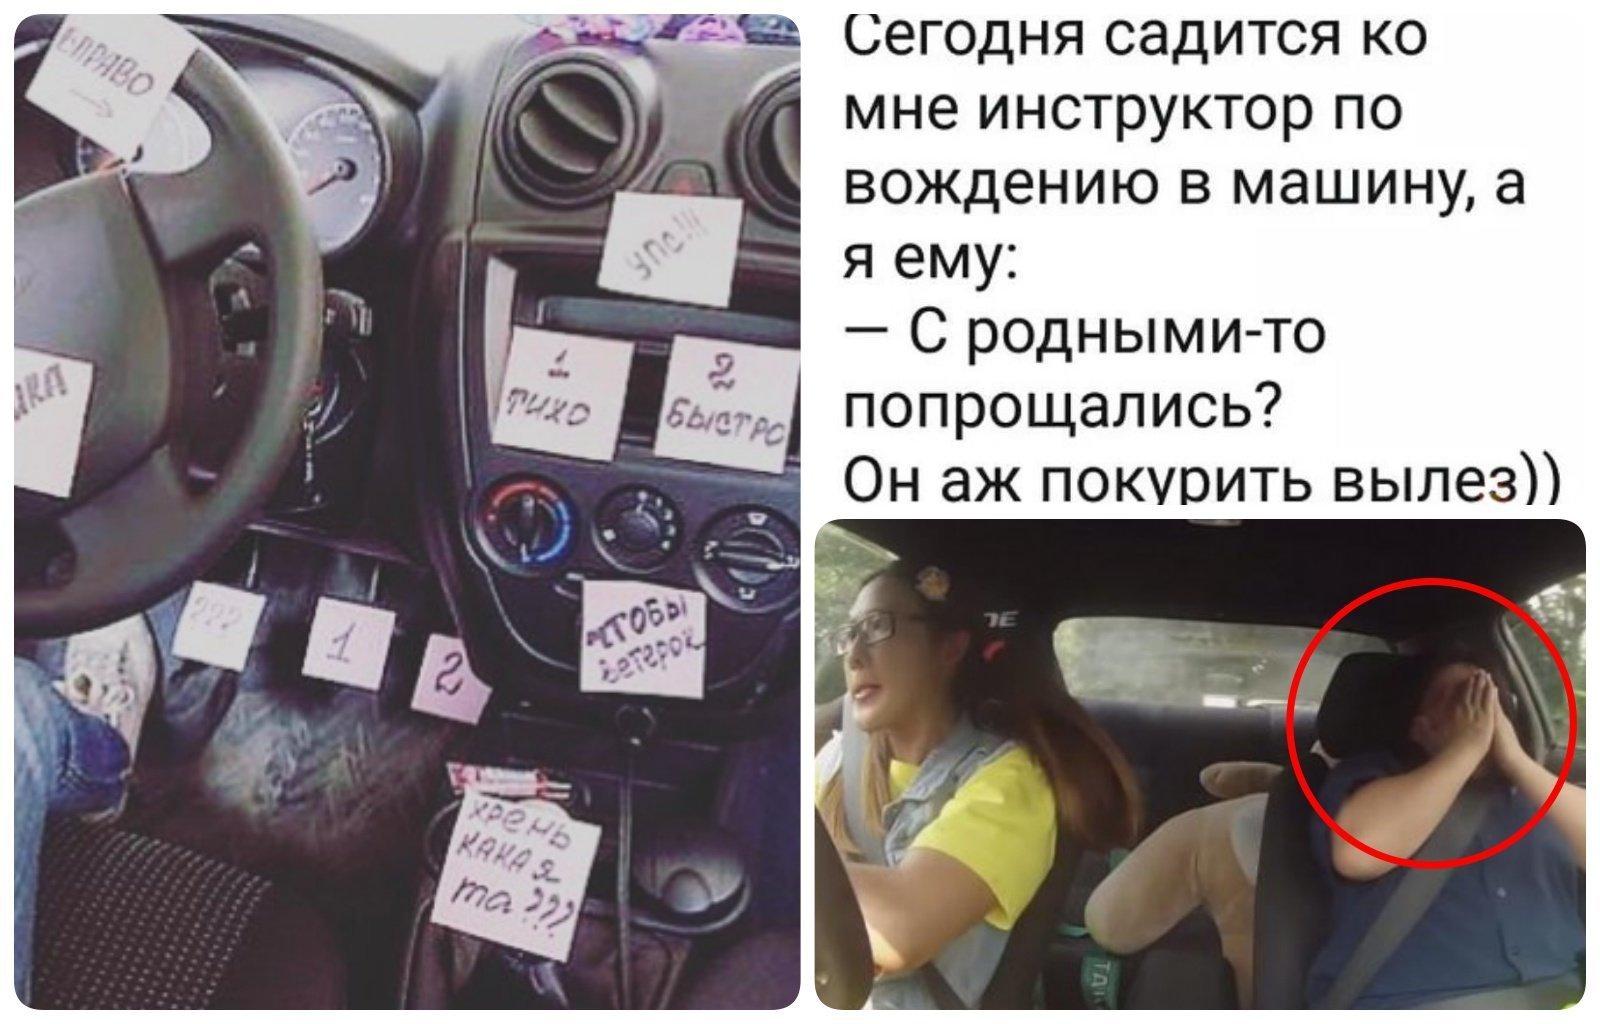 Смешные картинки с инструктором по вождению, открытки днем рождения